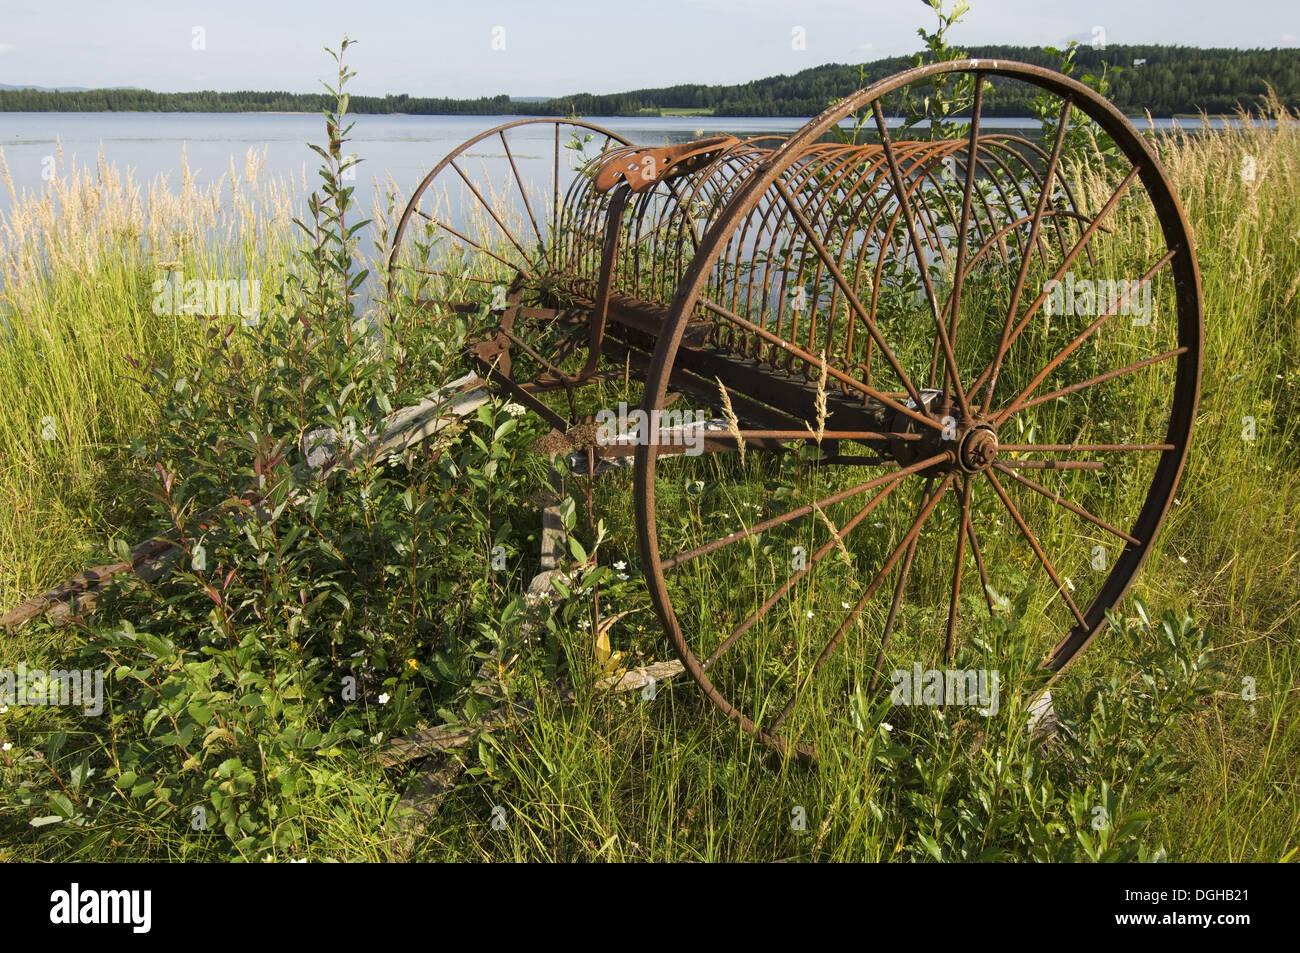 Rostige alte Pferdekutsche Heu Rechen, am Rand des Wassers, Schweden Stockbild